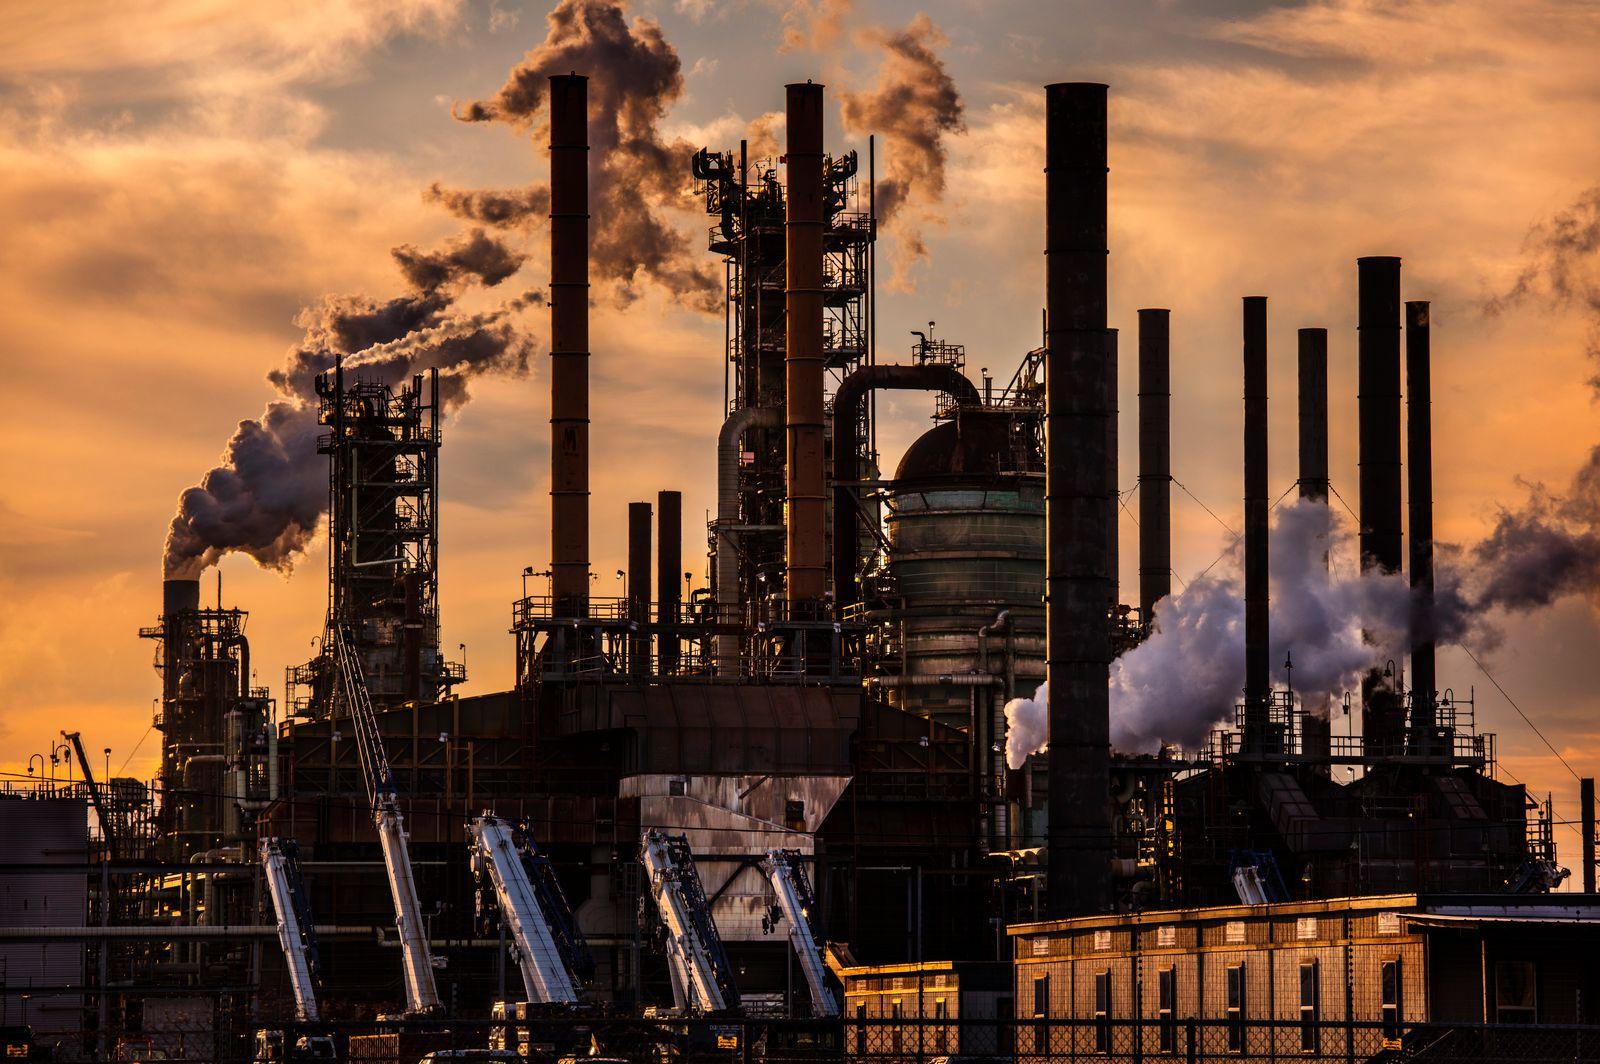 Exxon Mobil Oil Refinery Baton Rouge